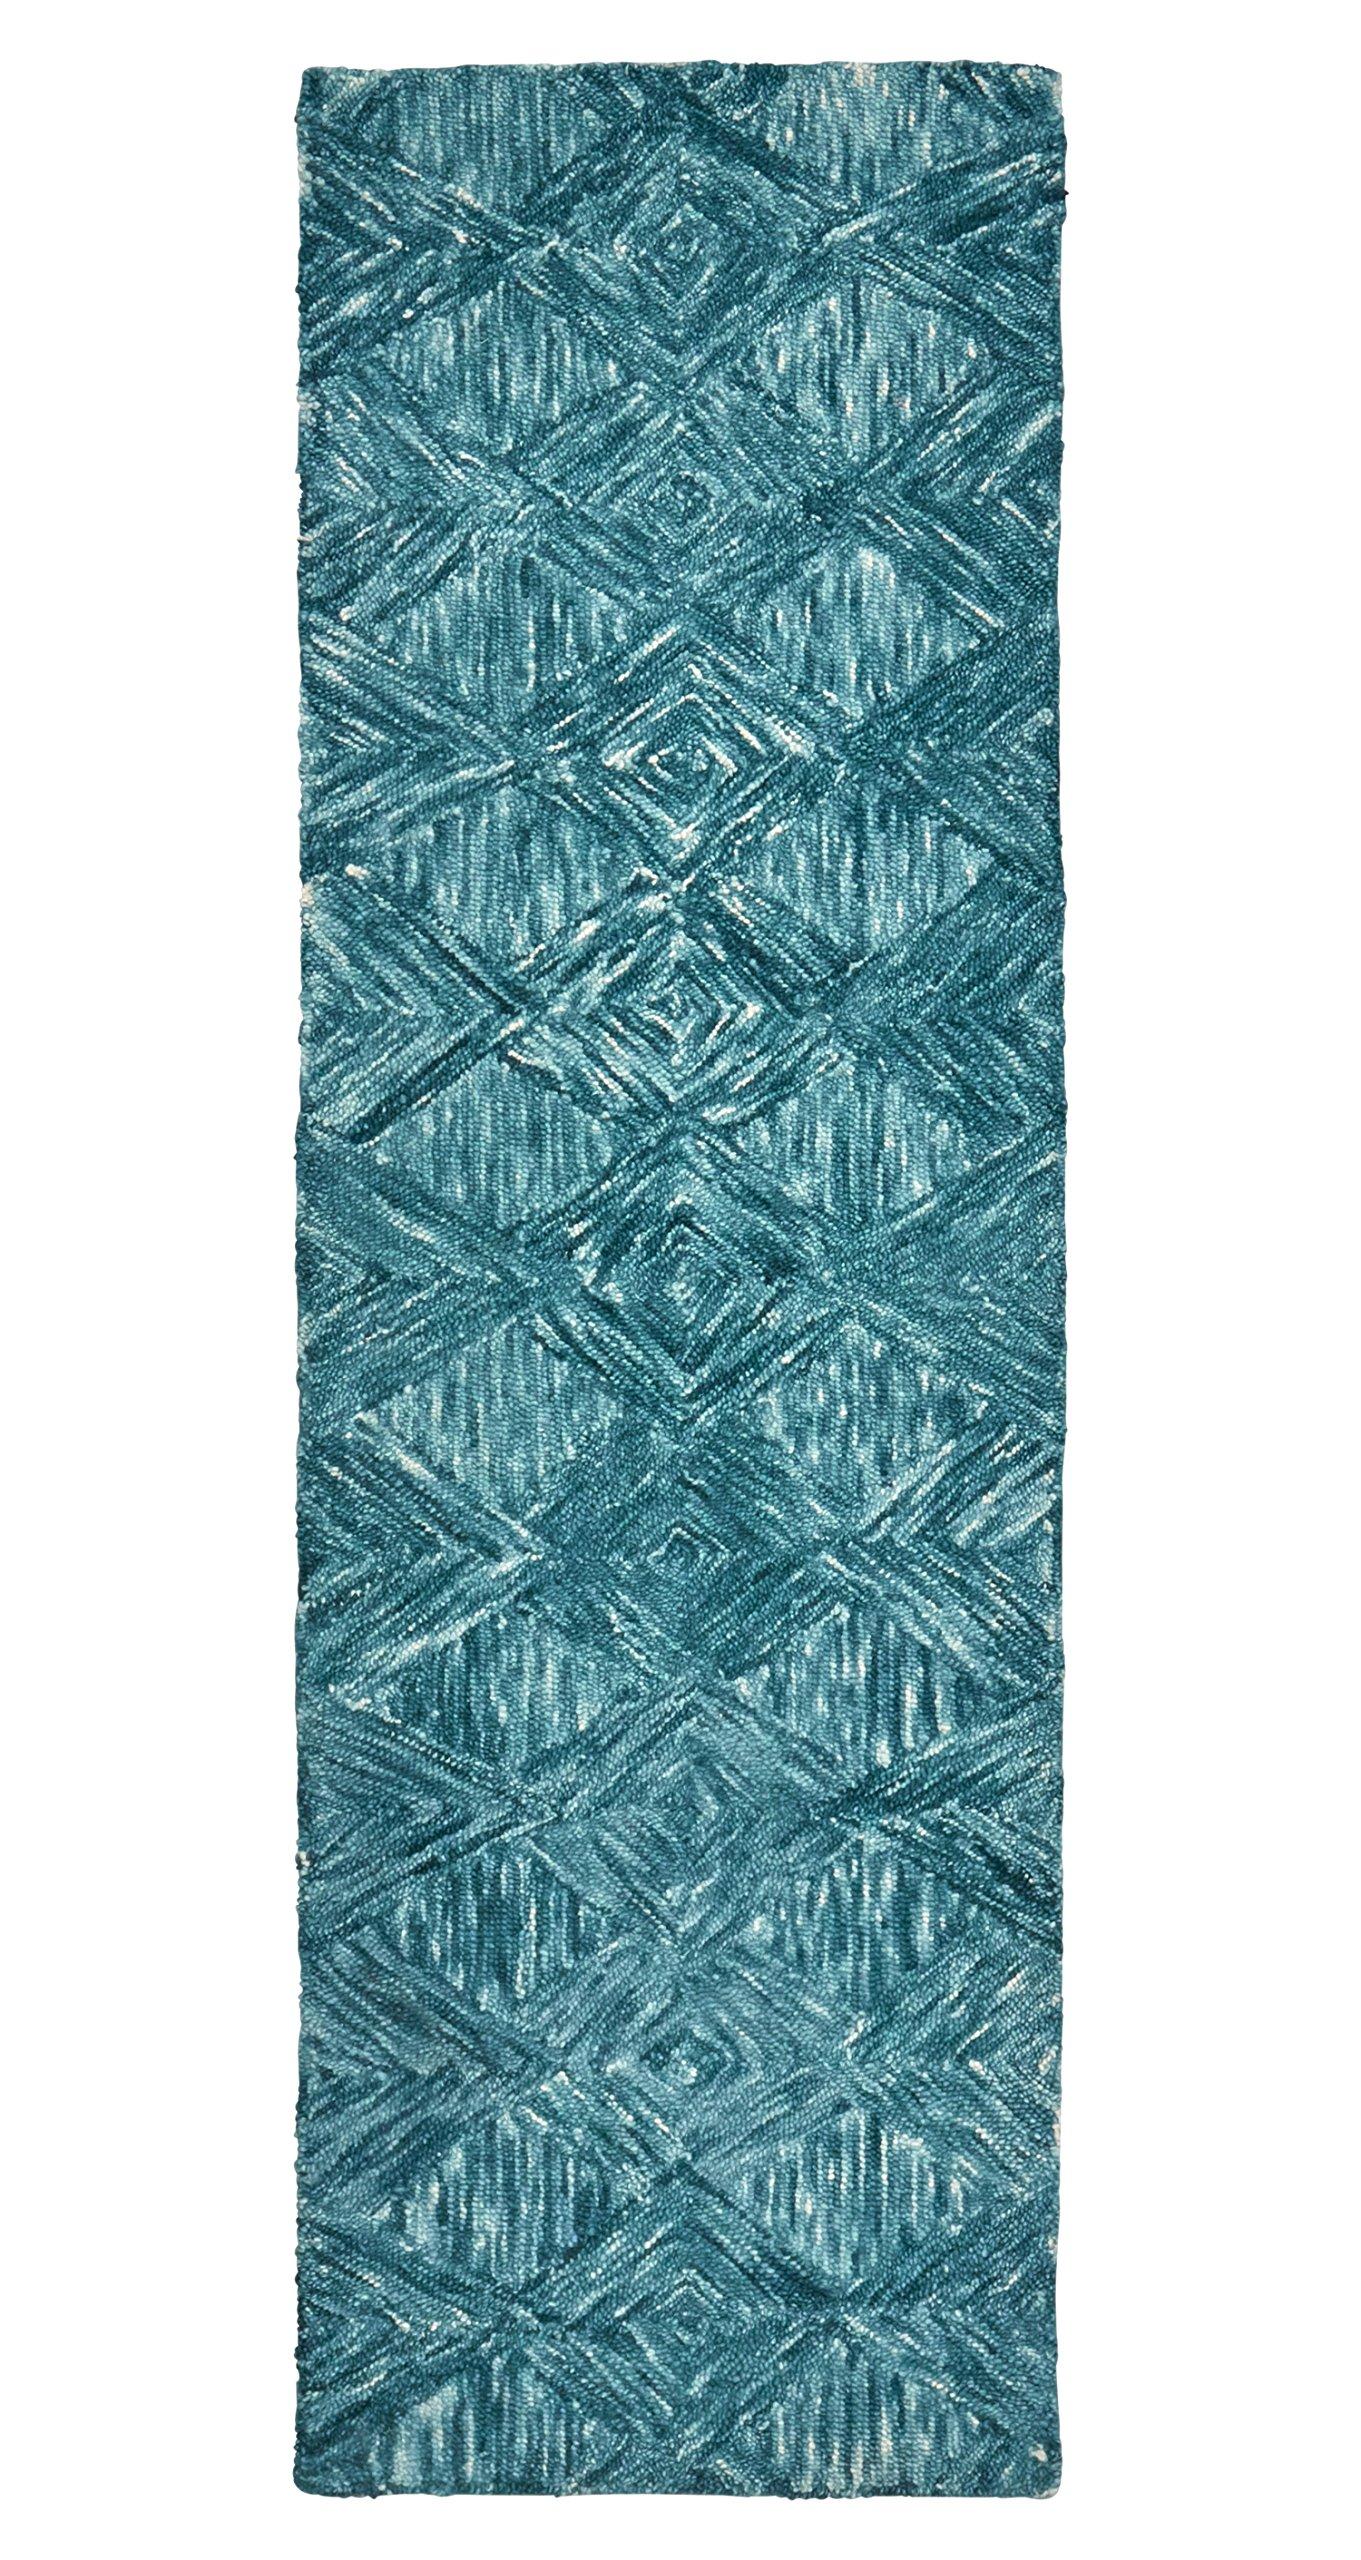 Rivet Motion Patterned Wool Runner, 2'3 x 7'6, Marine Blue